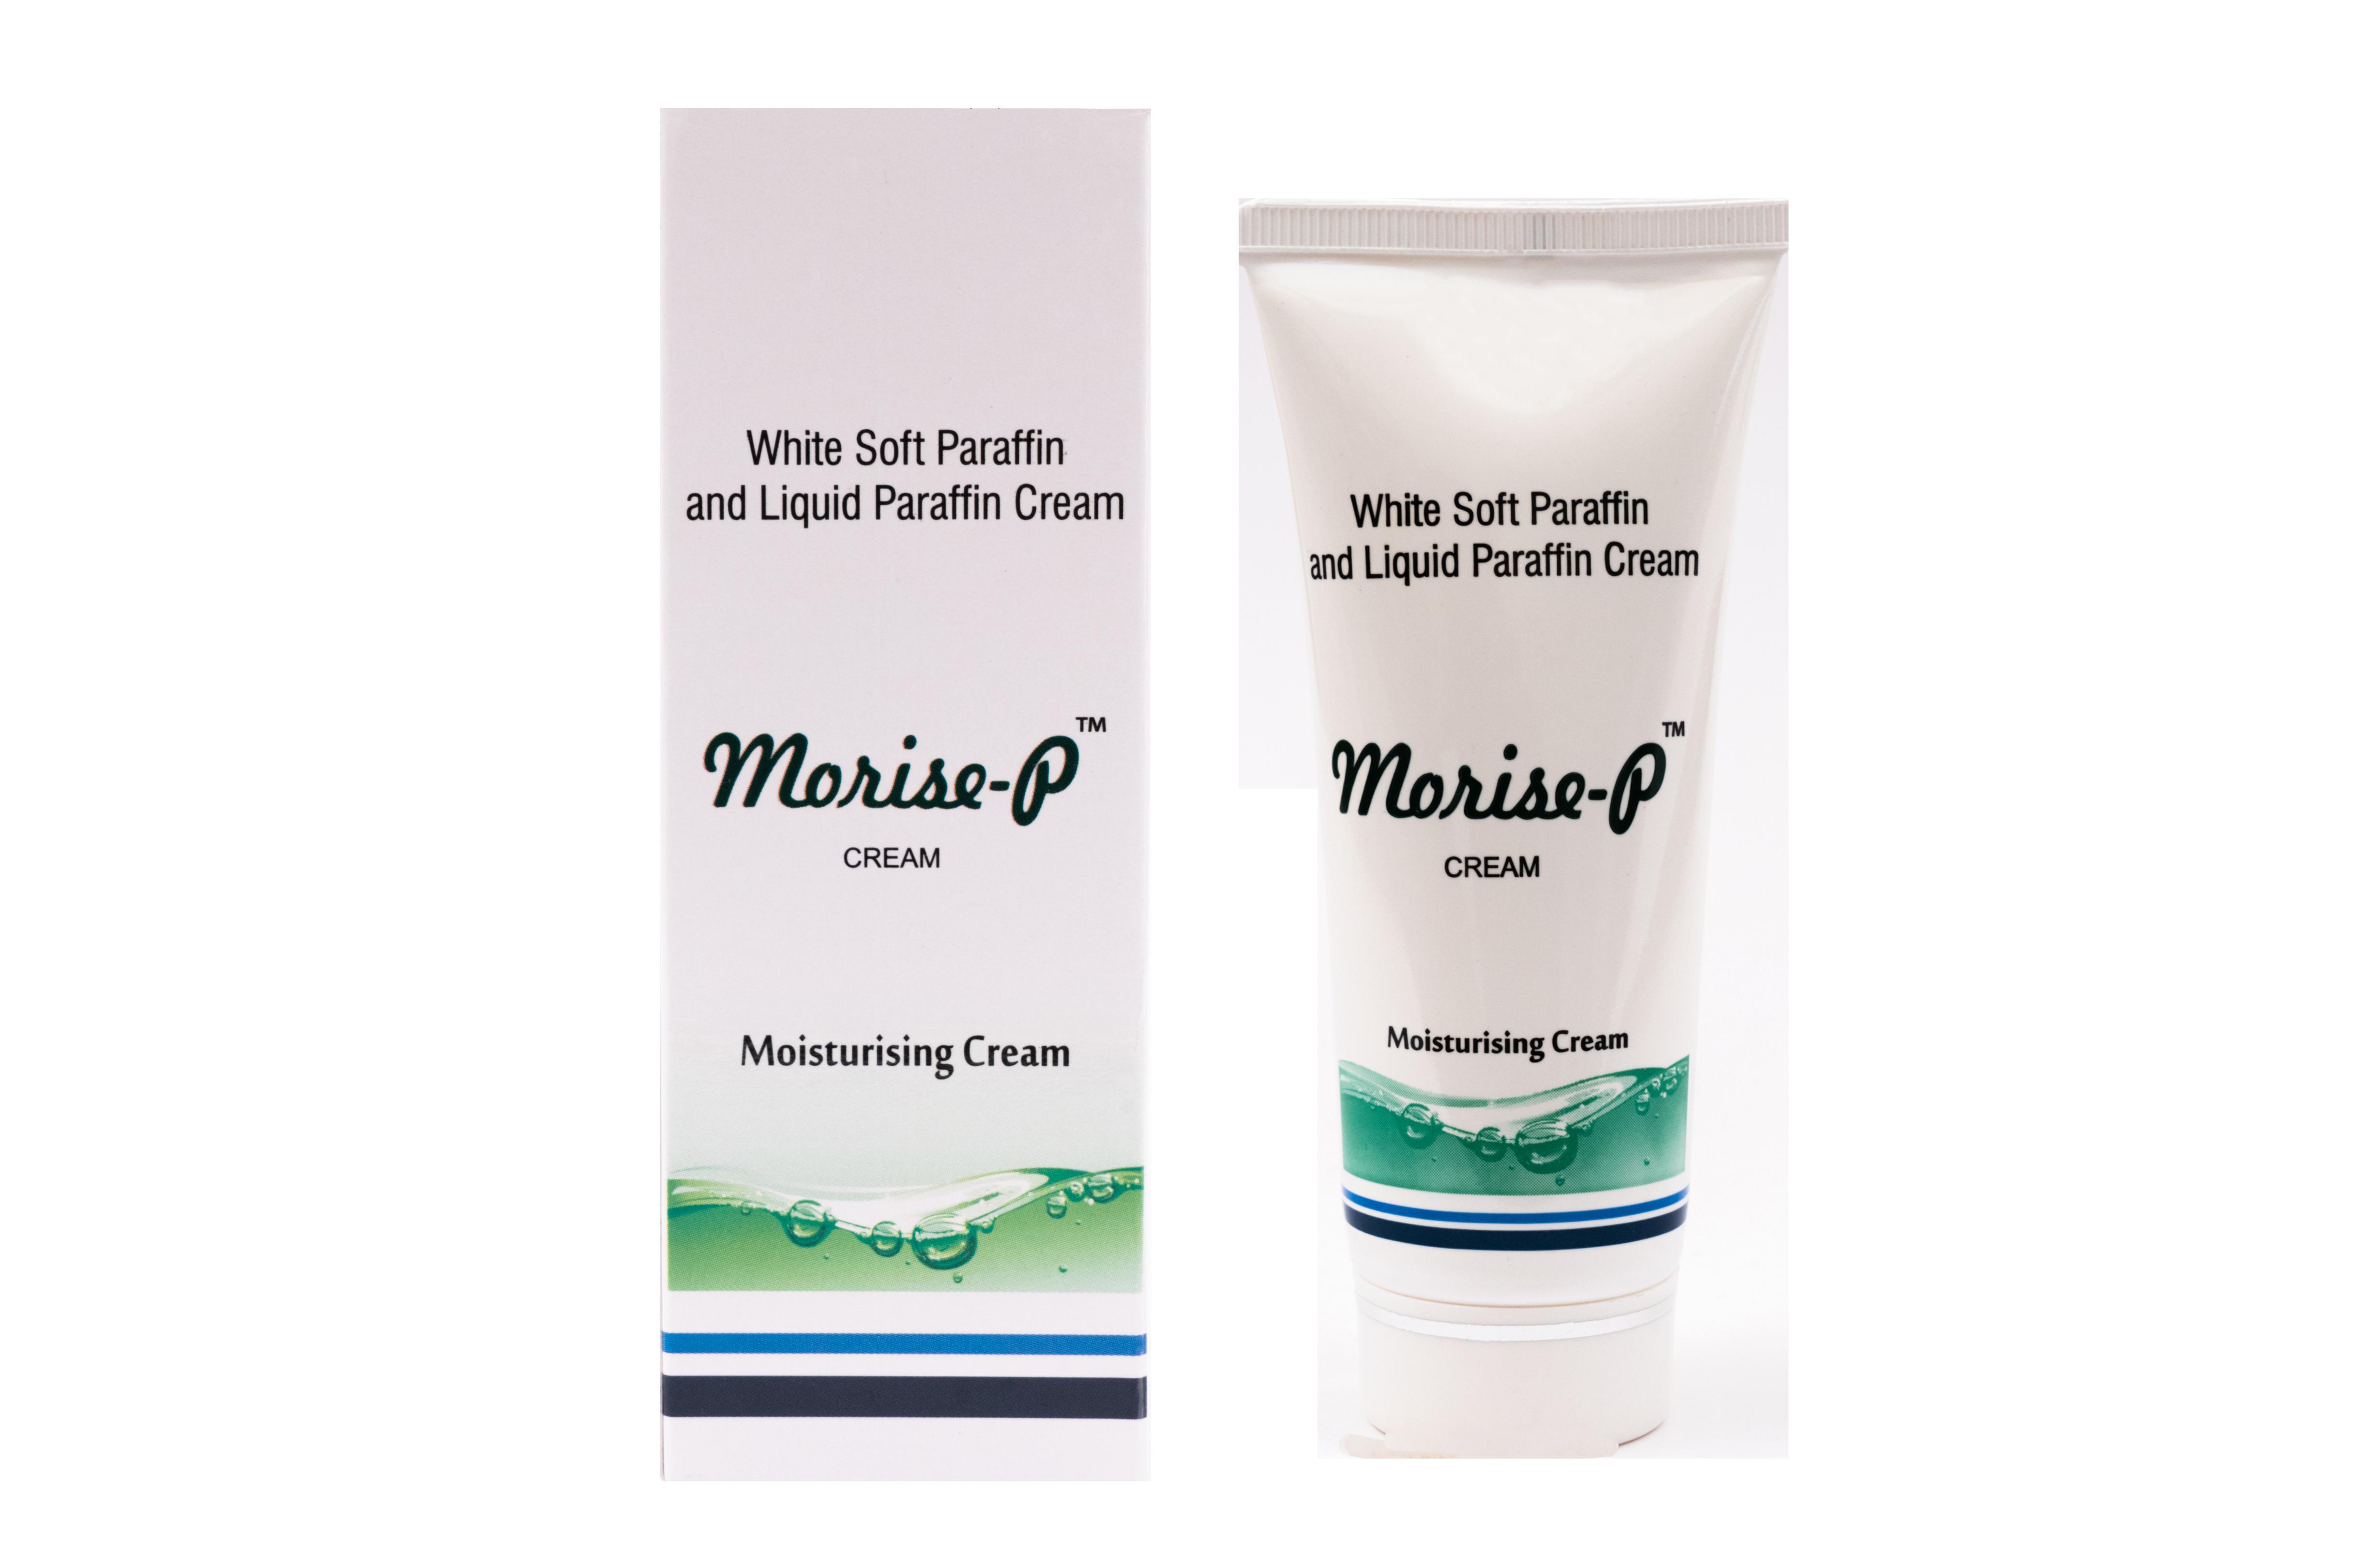 White soft Paraffin Cream